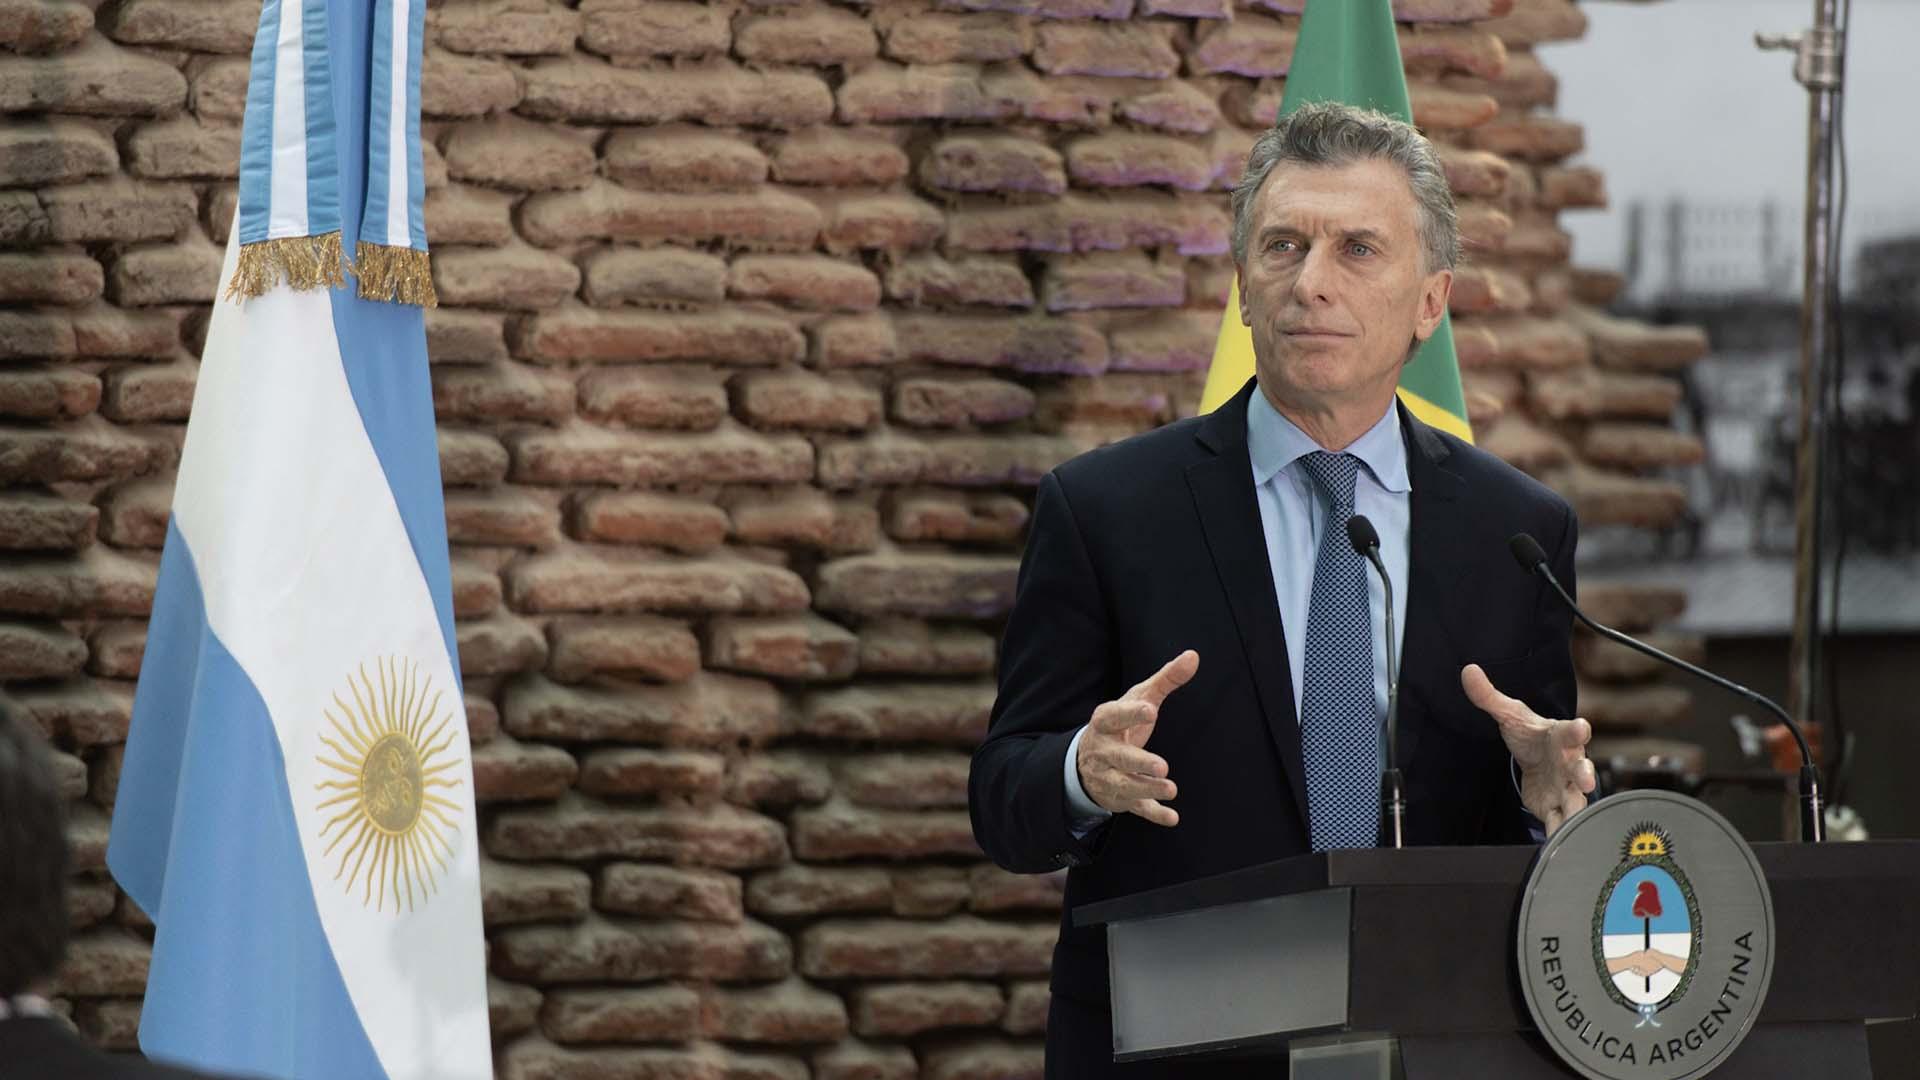 Mauricio Macri le da la bienvenida a la delegación brasileña